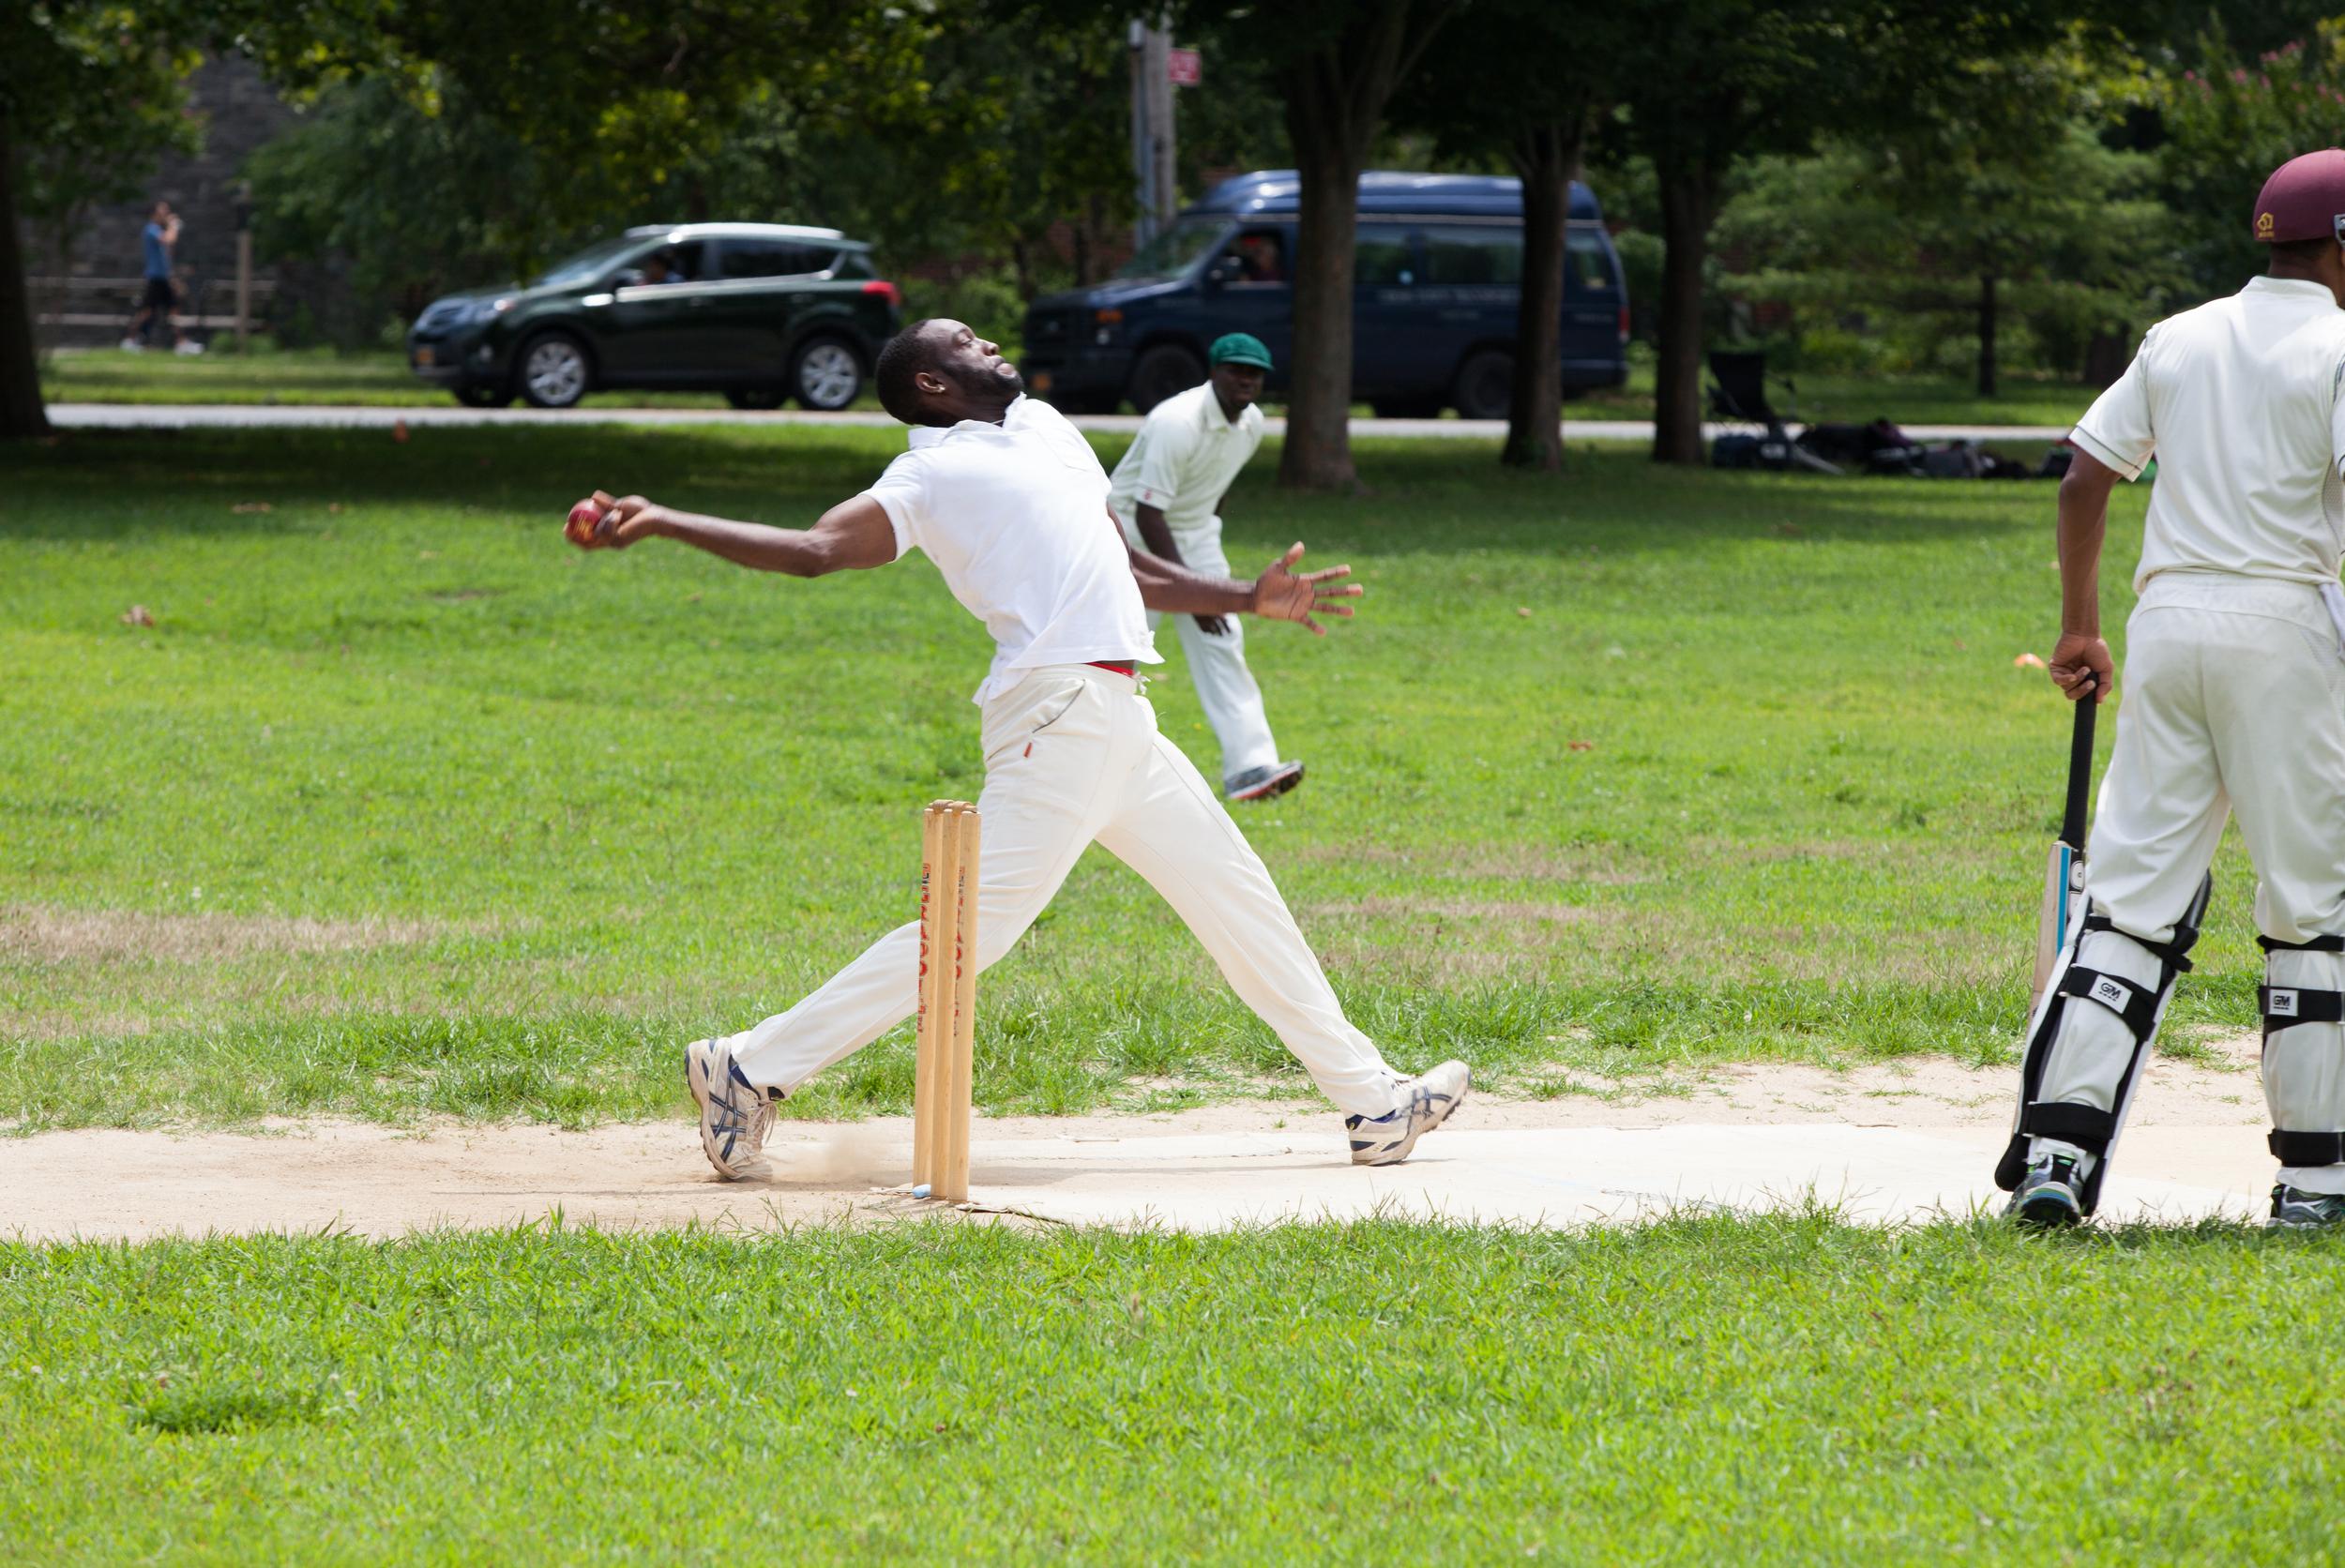 BKLYNR-Cricket-JasonBergman-010.jpg